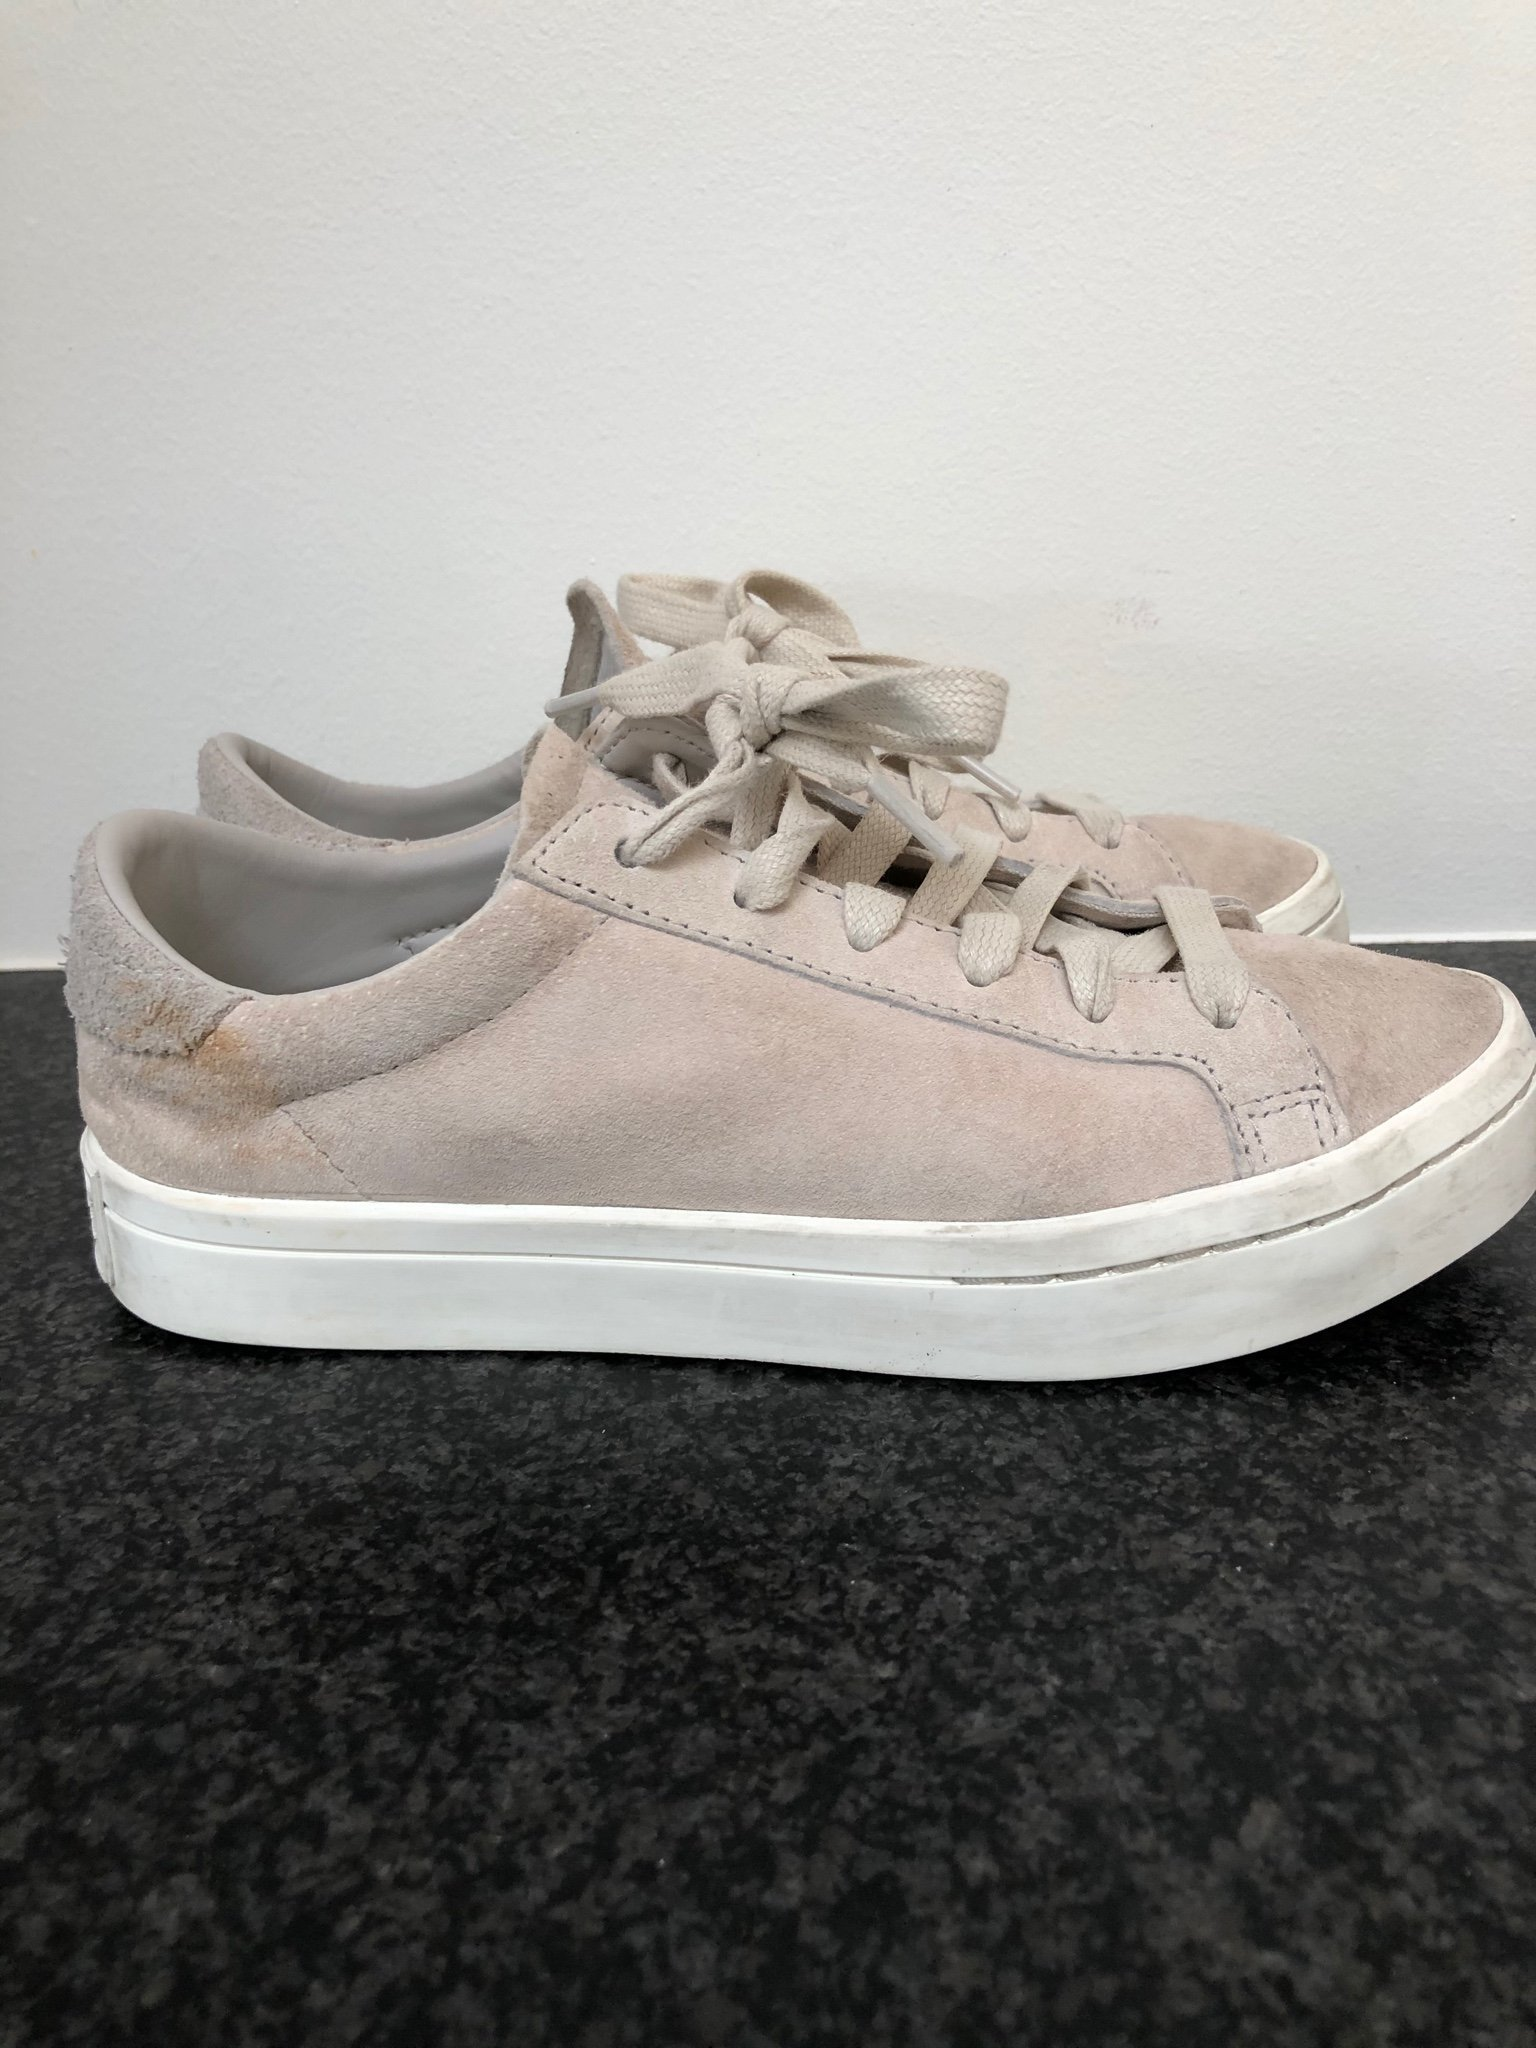 Adidas original 36 beiga mocka yttersula 25mm sneakers skor träningsskor 36